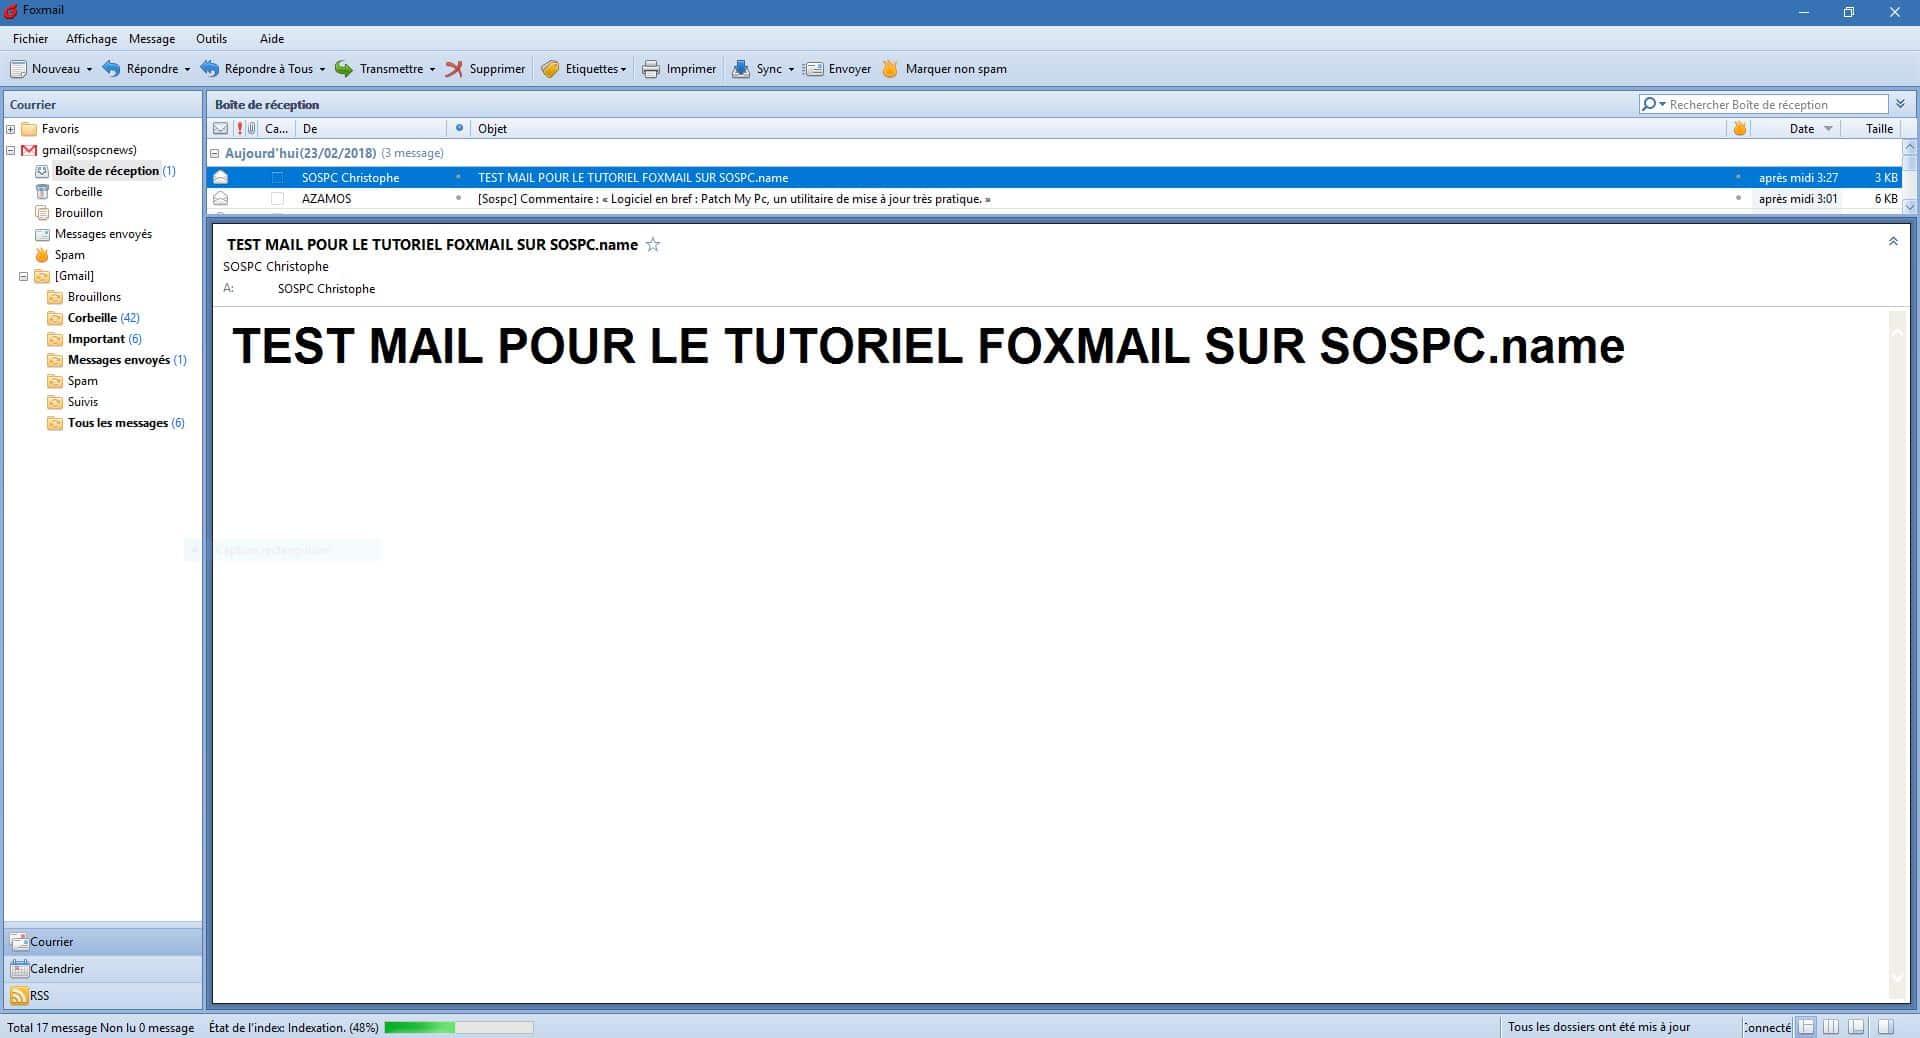 Foxmail tutoriel français détaillé sur SOSPC